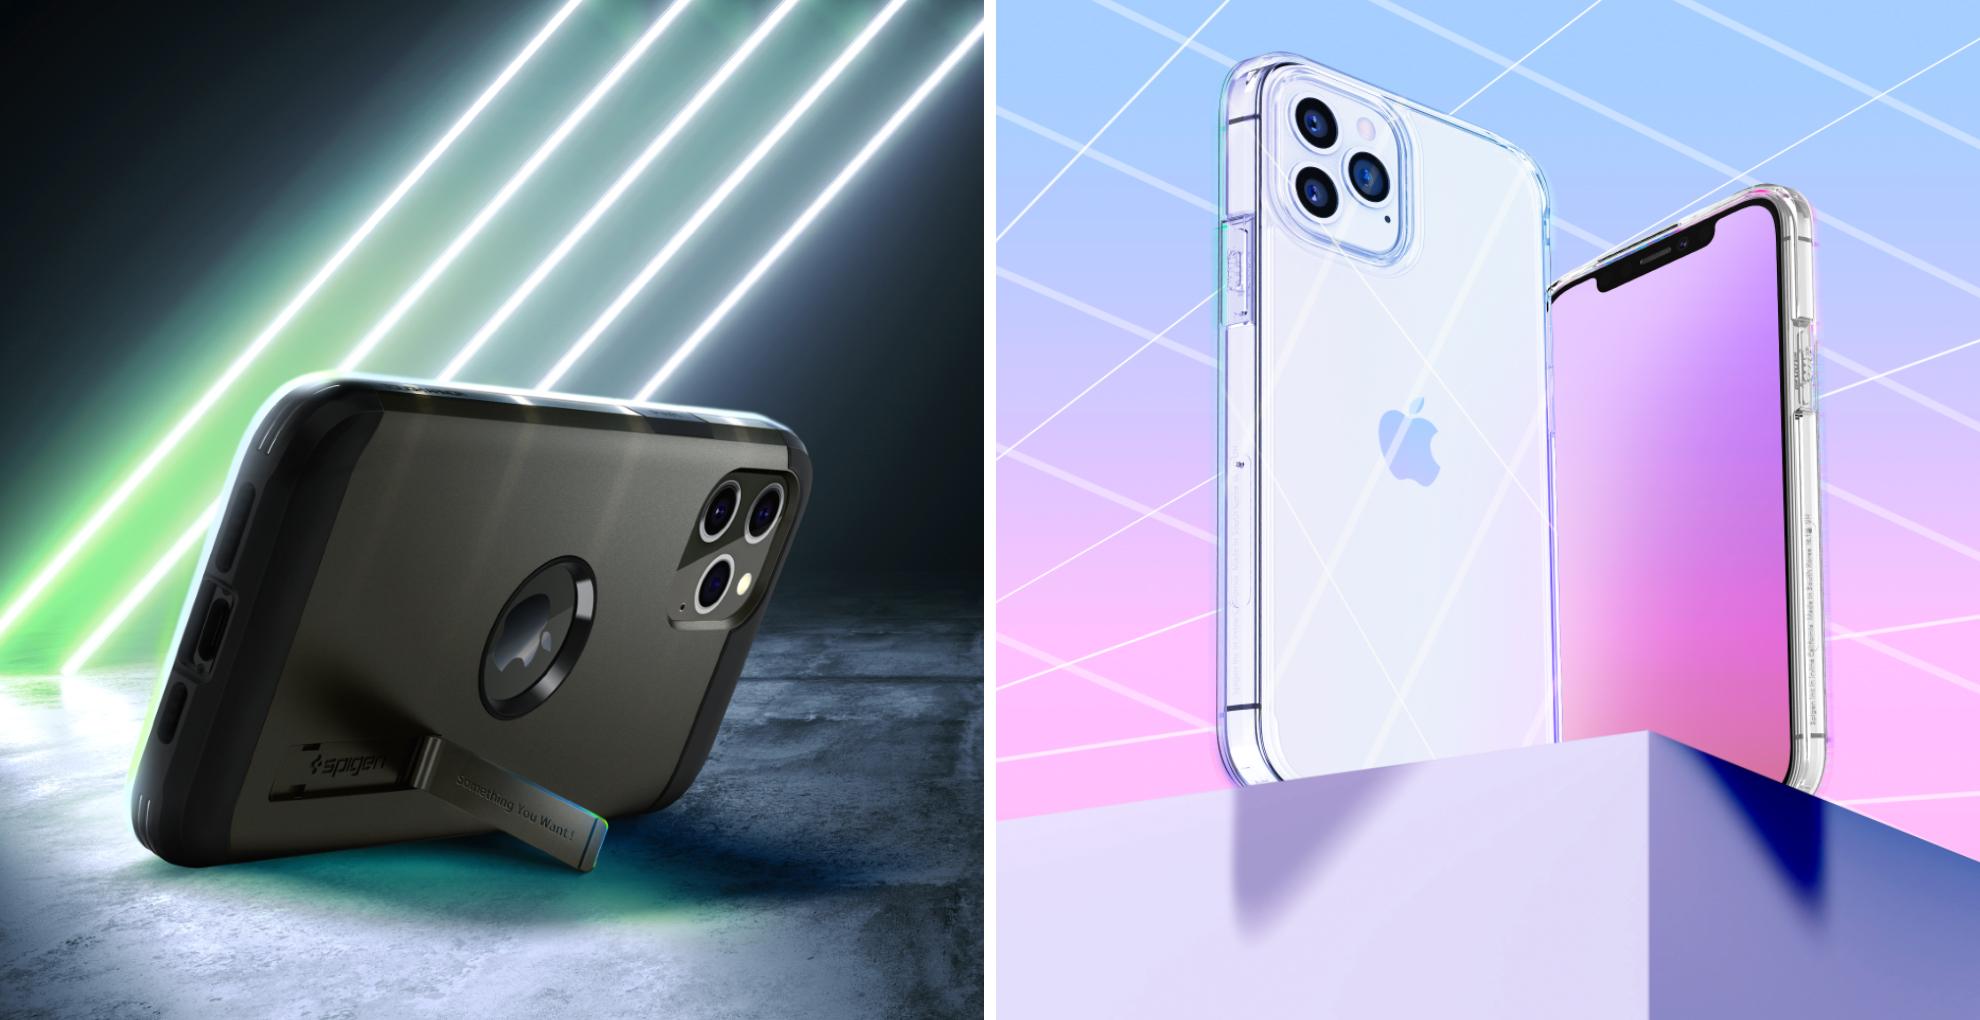 À gauche la coque Spigen Tough Armor pour l'iPhone 12. À droite la coque Spigen Ultra Hybrid transparente.